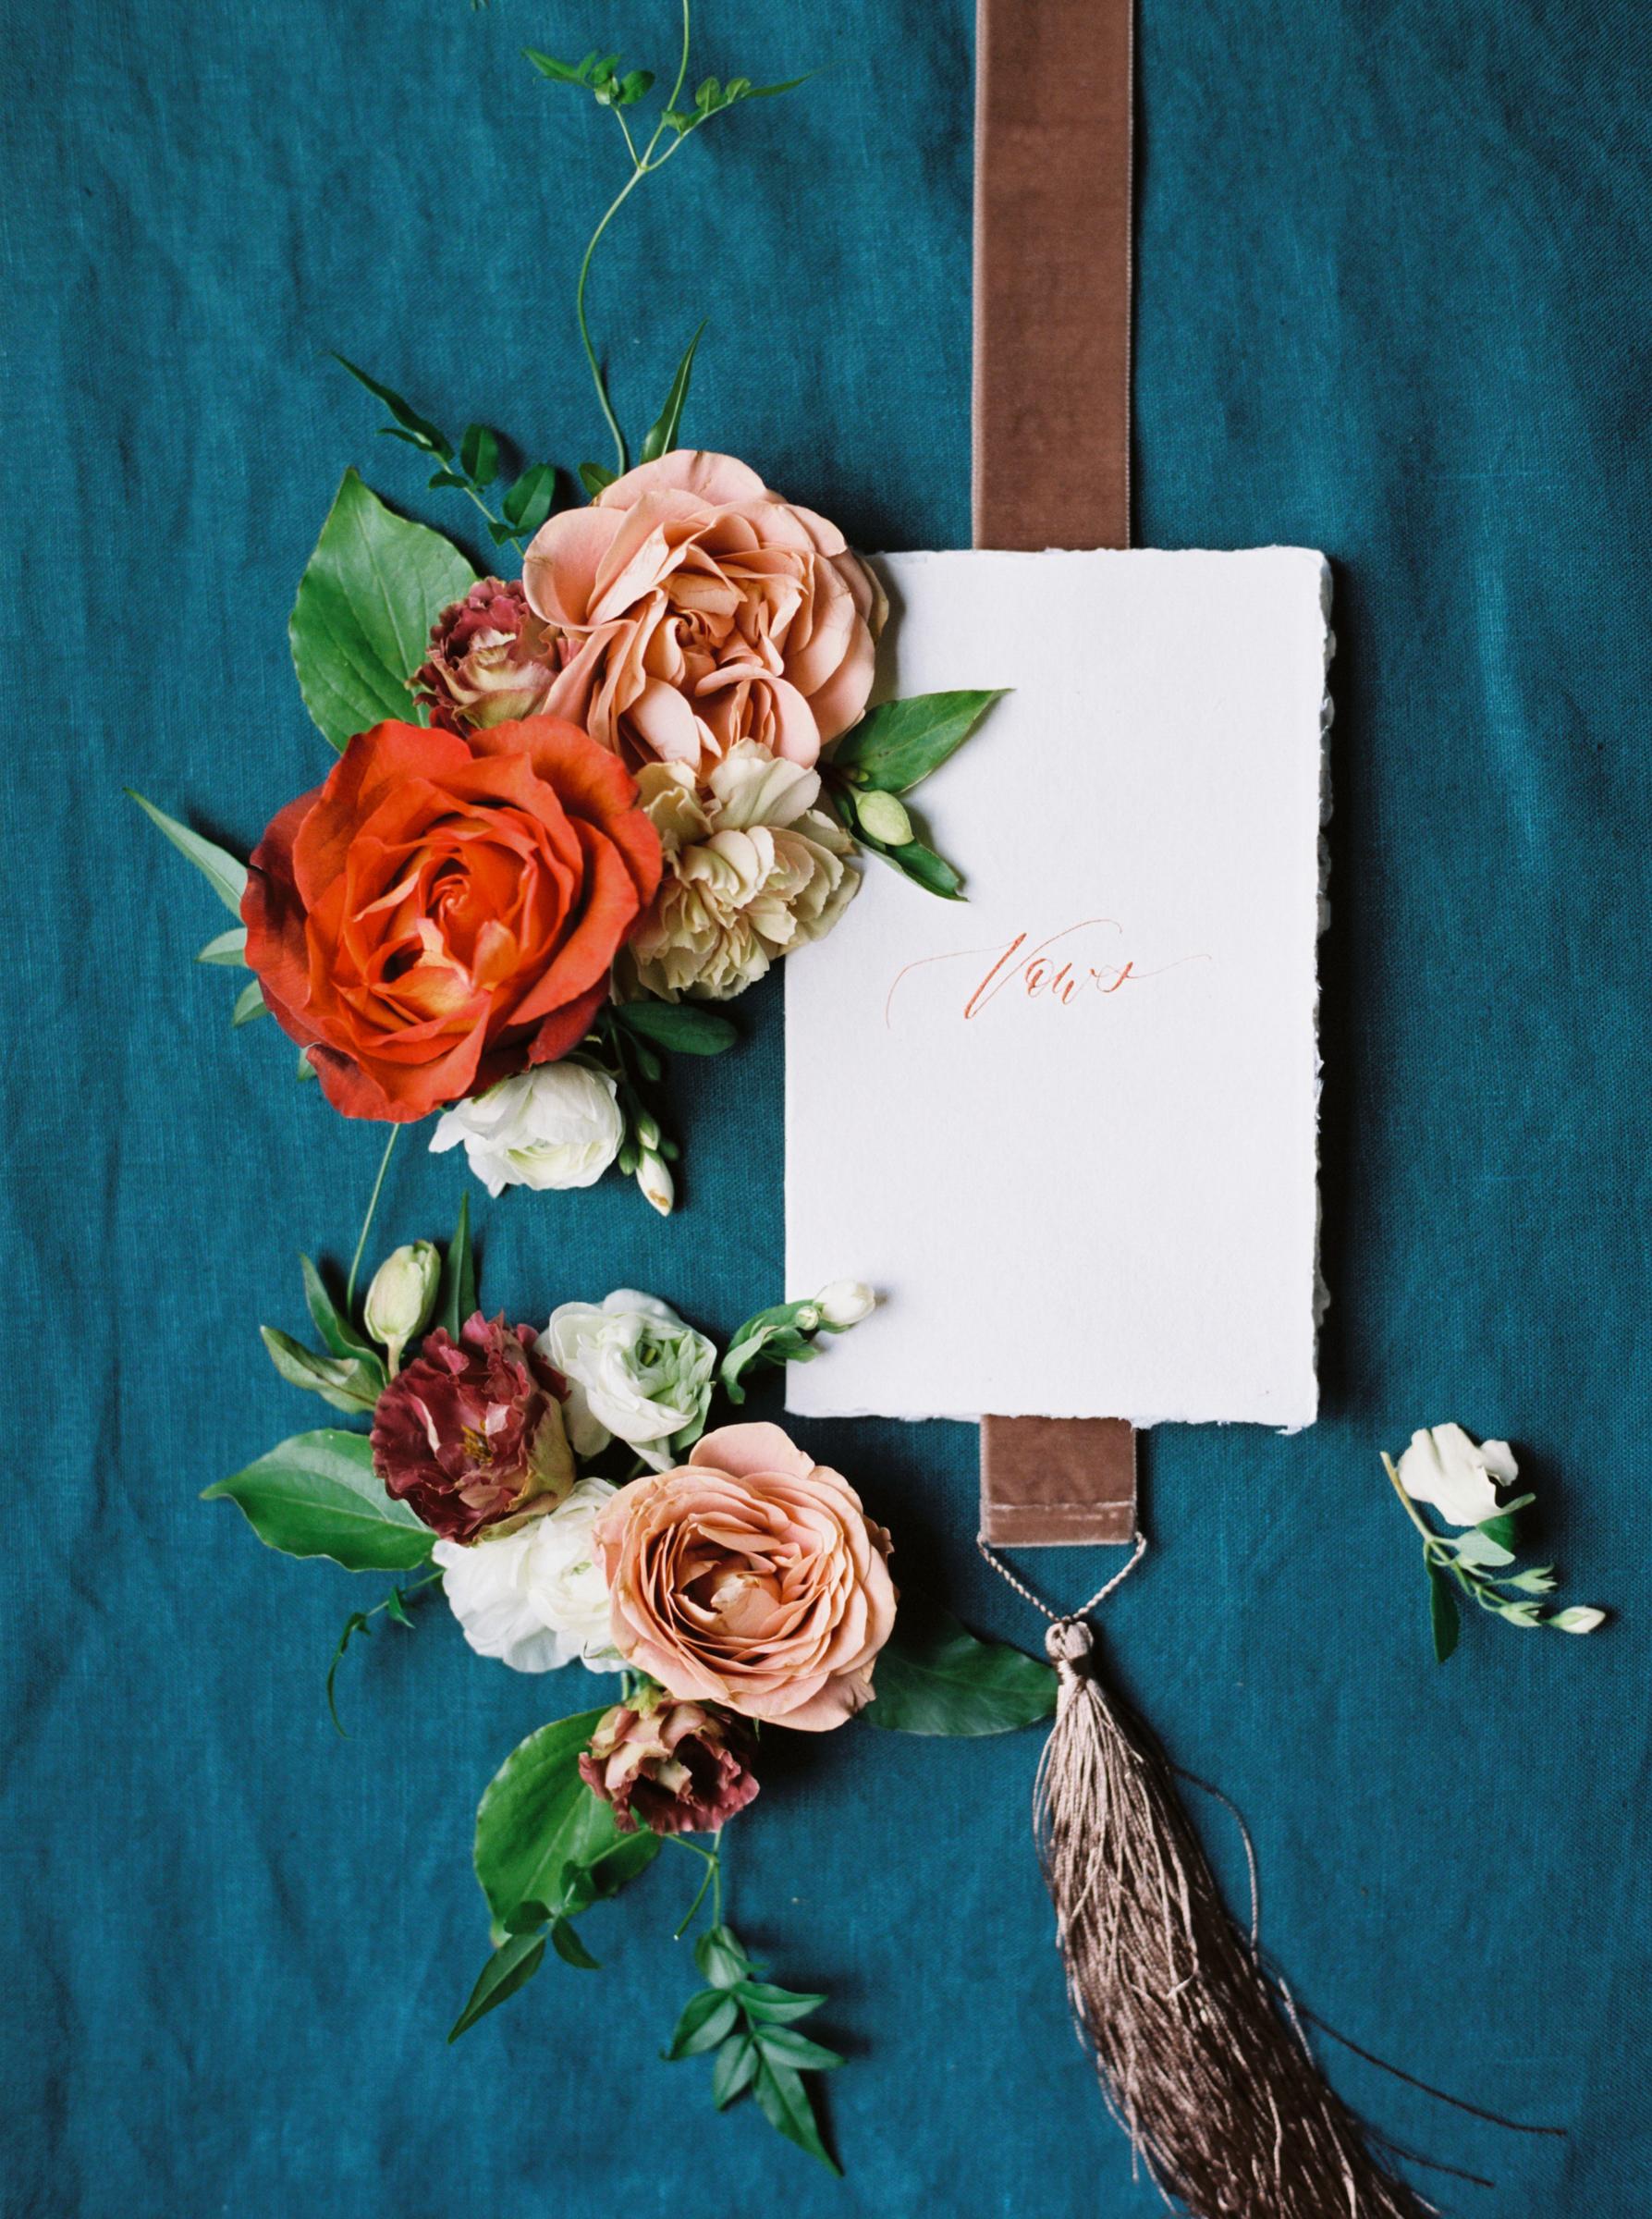 Race-and-religious-wedding-inspiration-shannon-skloss-22.jpg